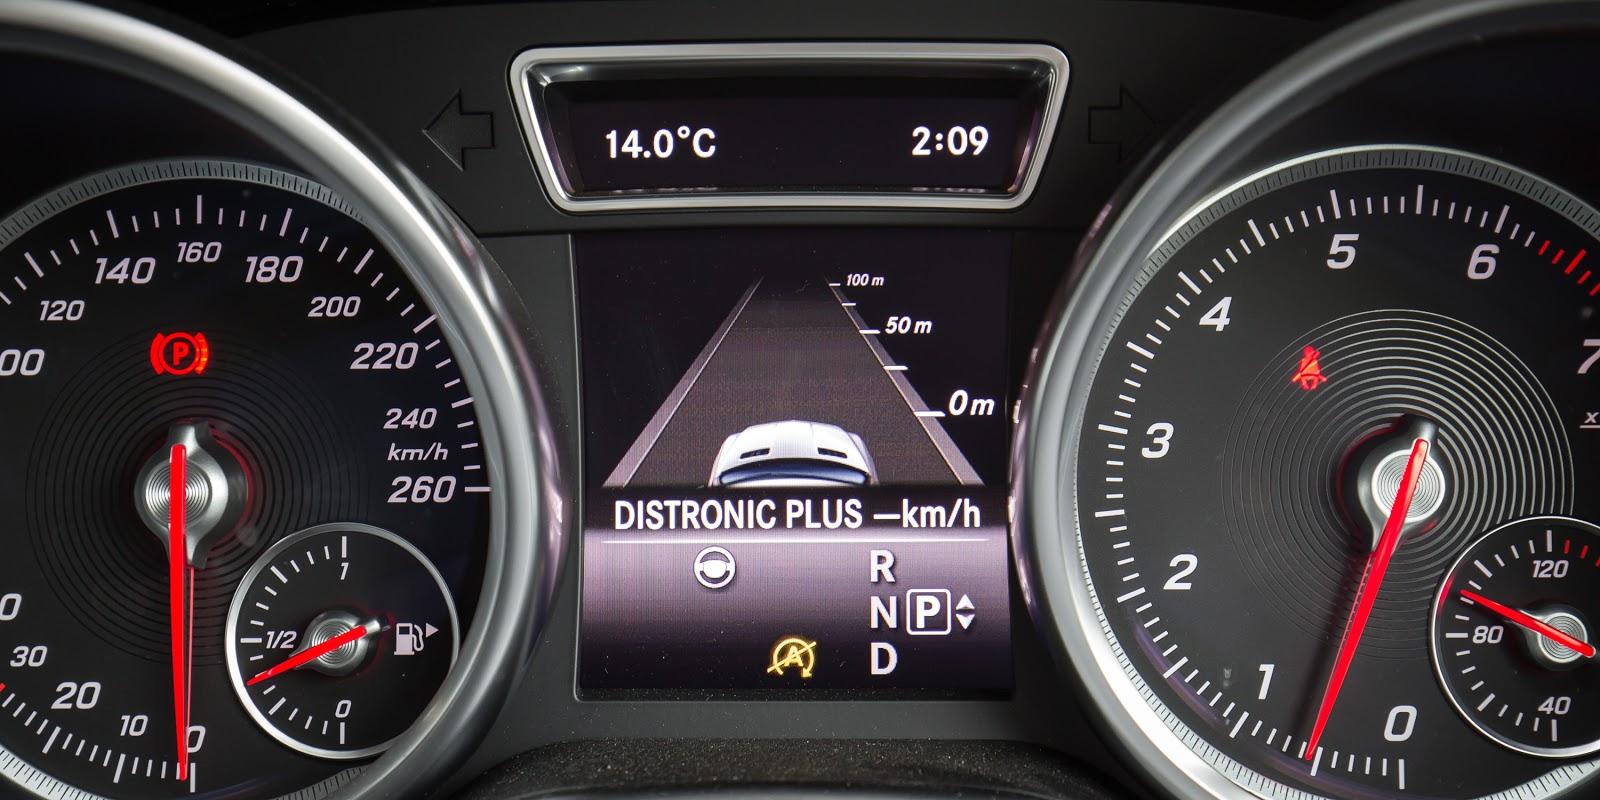 Thông số tốc độ, nhiên liệu, nhiệt độ, vòng tua máy